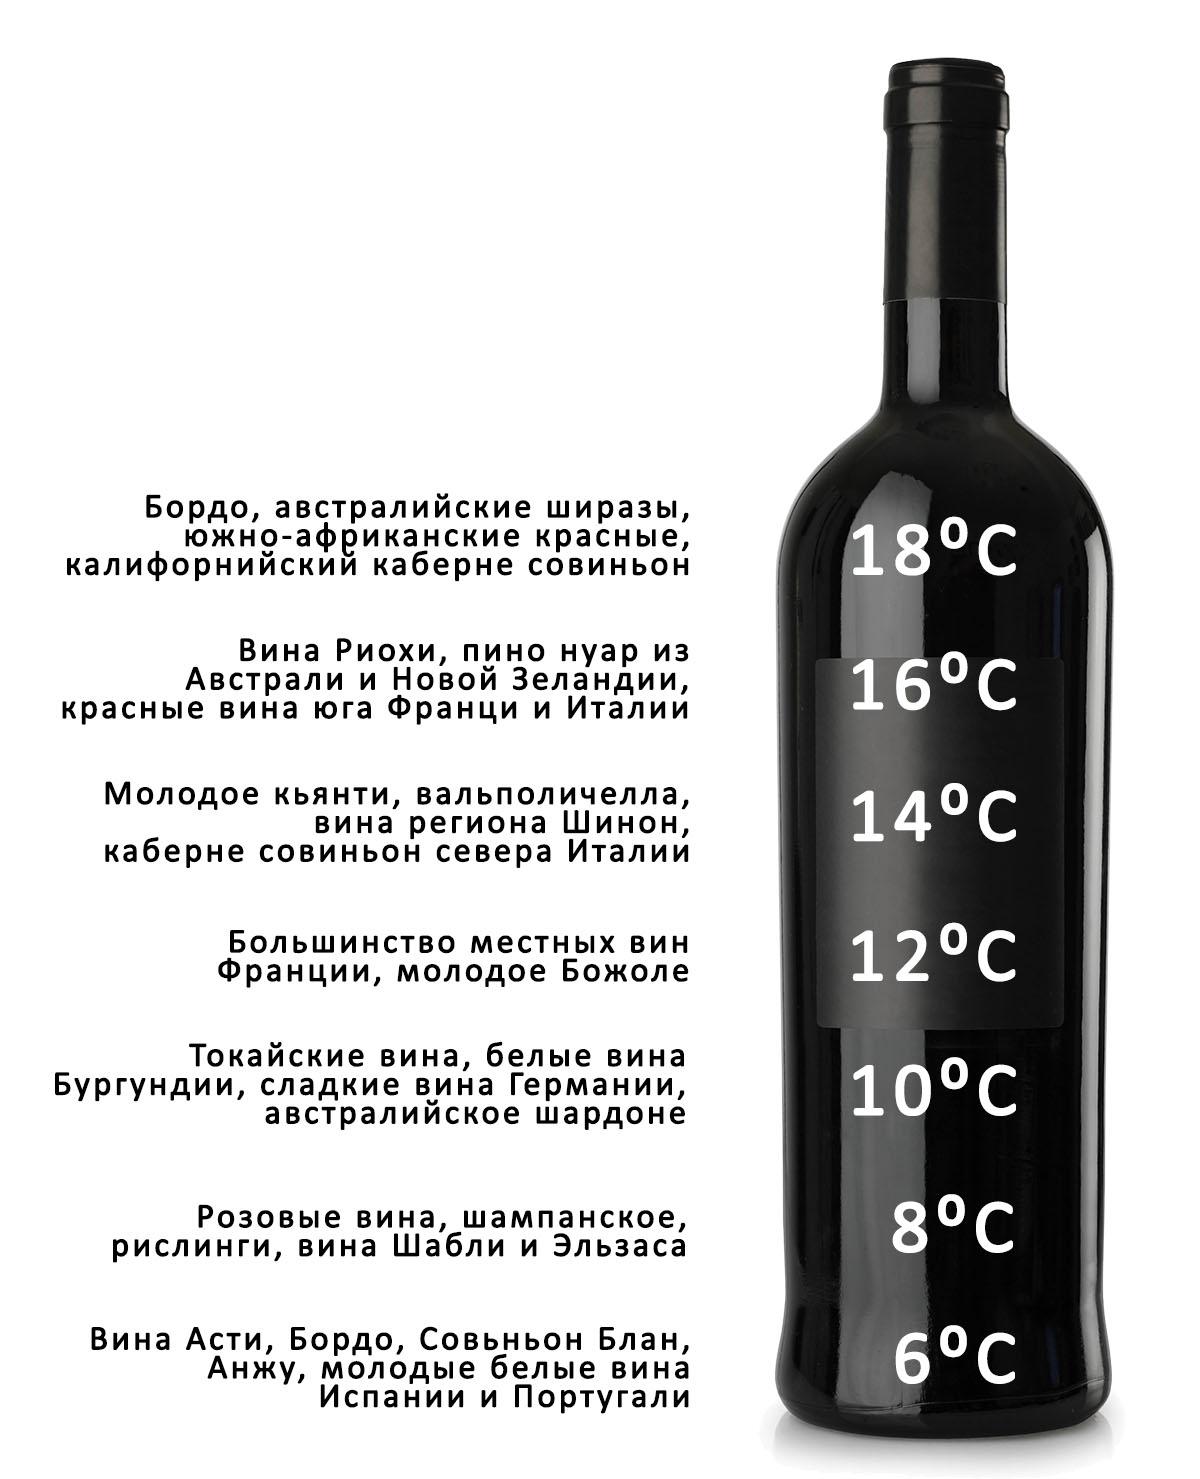 Рекомендуемая температура сервировки вина